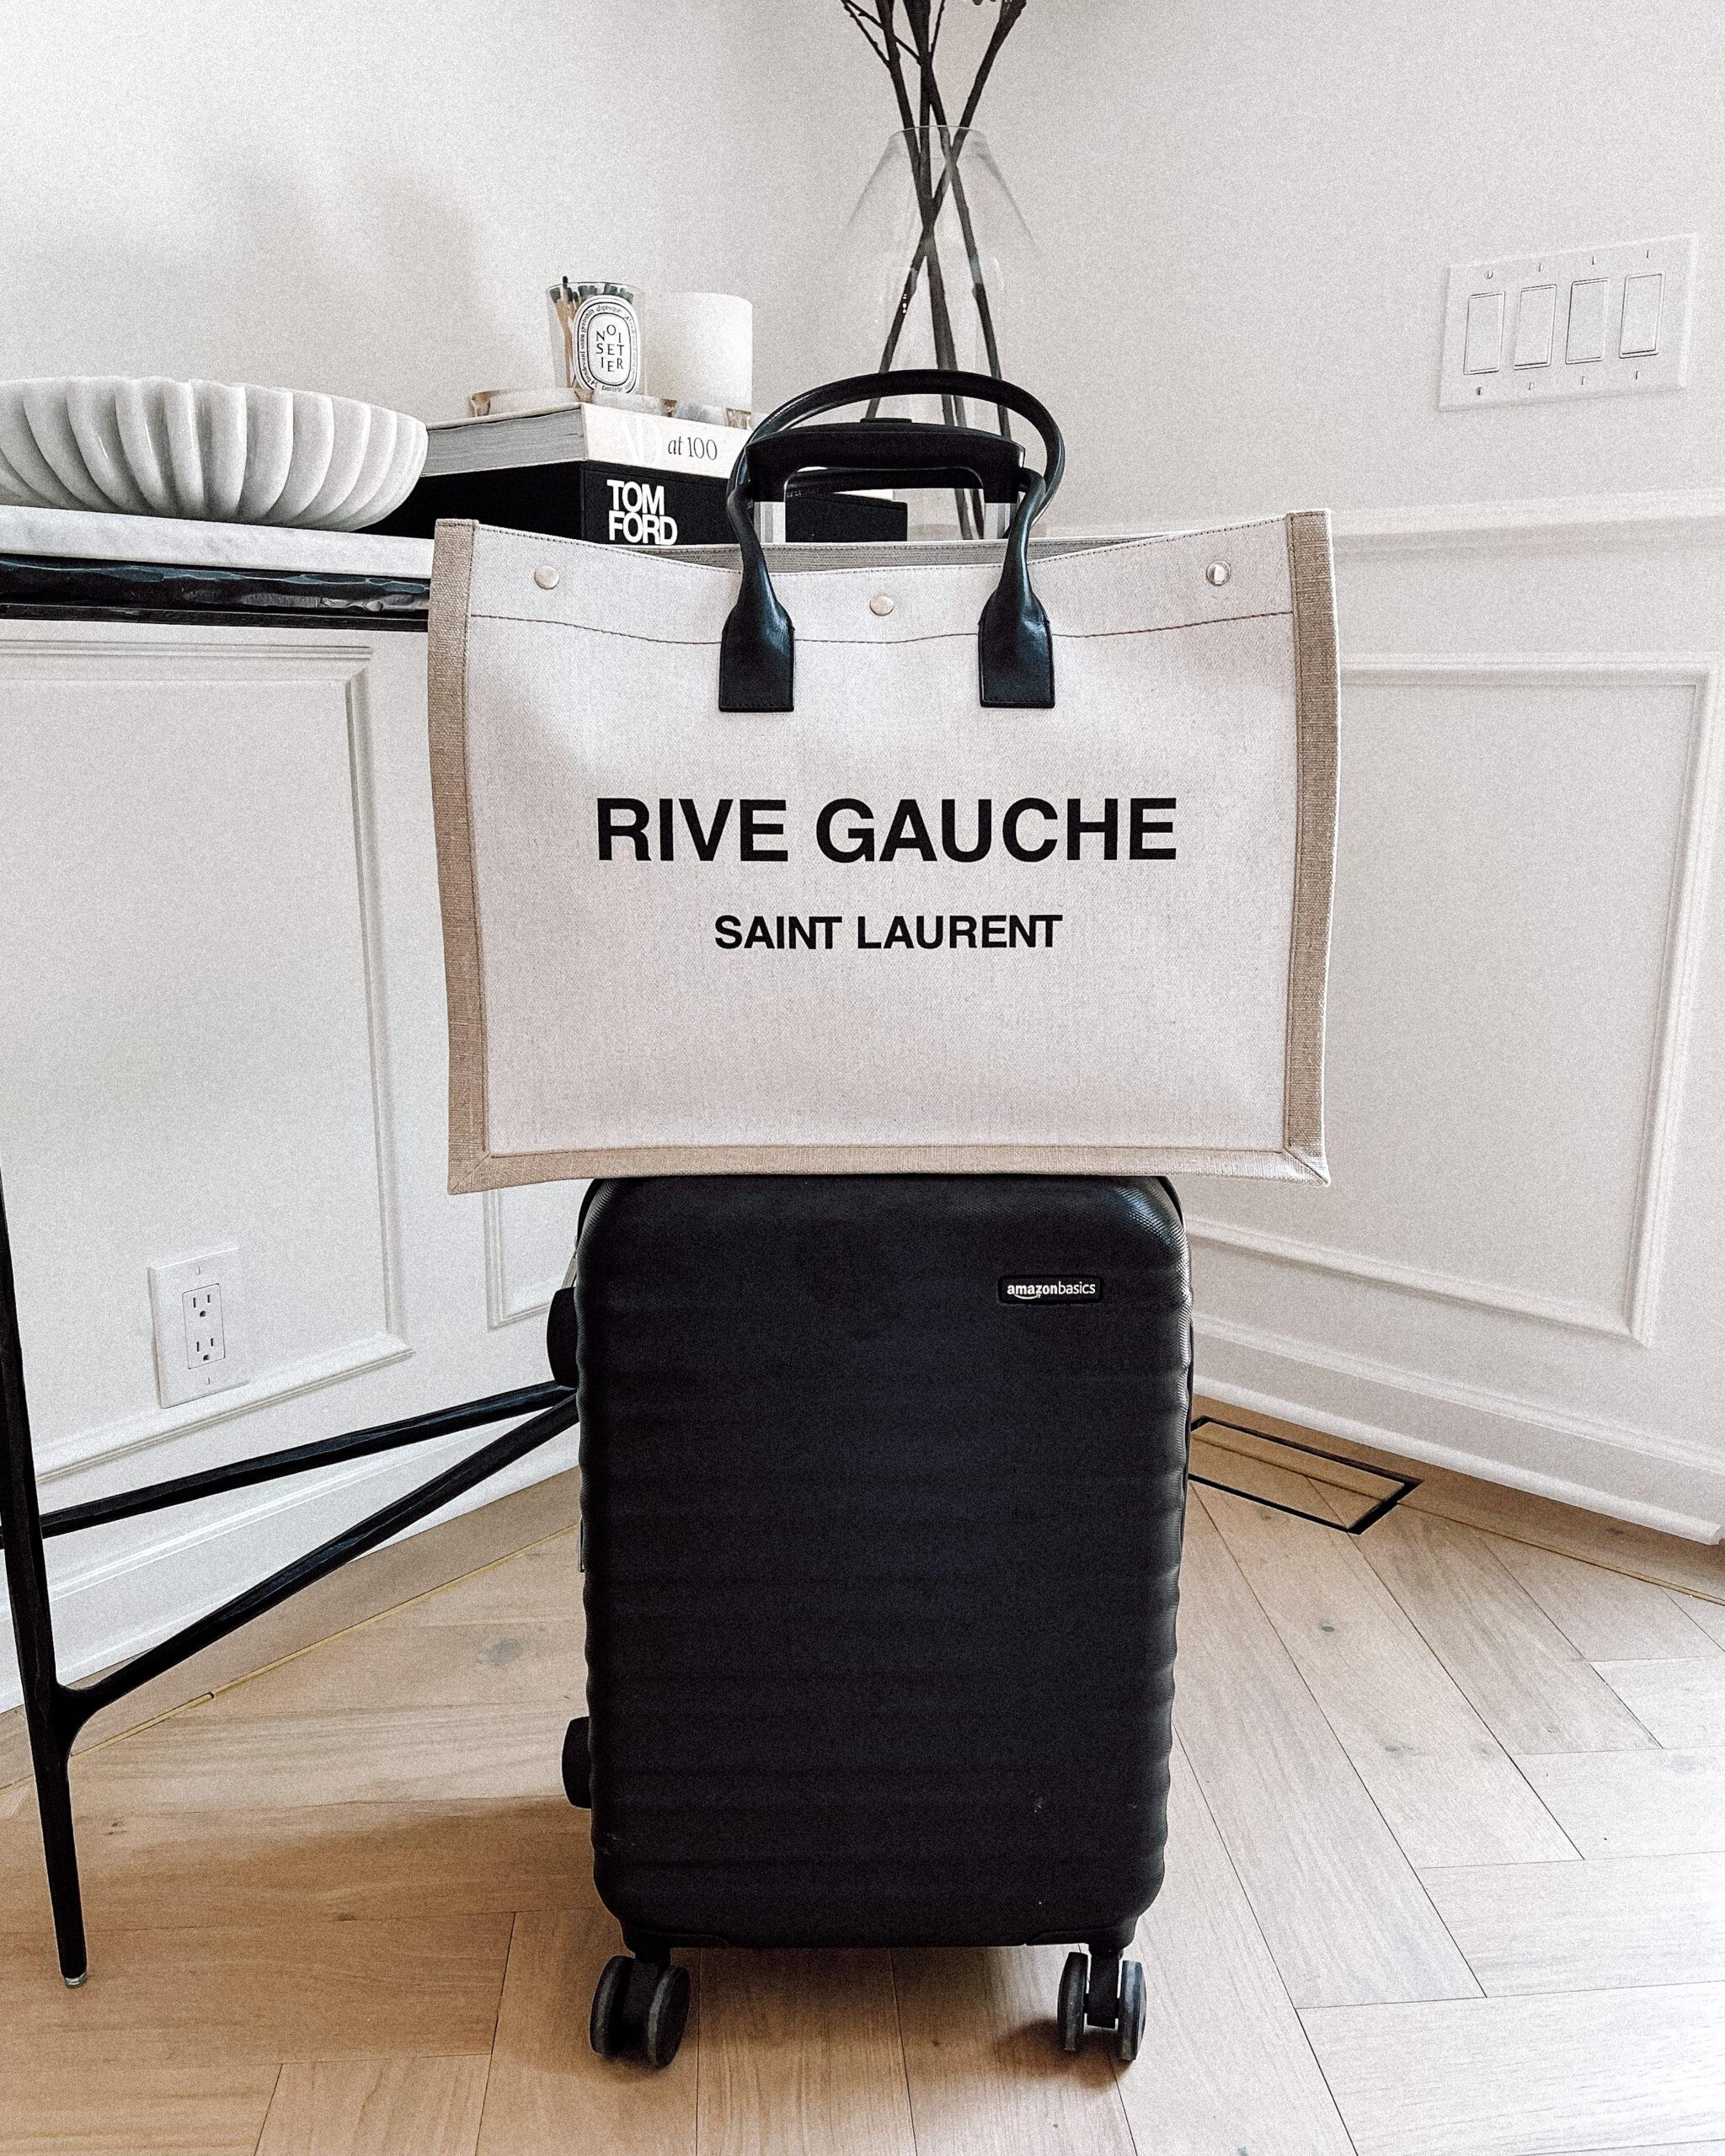 Fashion Jackson Saint Laurent Rive Gauche Logo Tote Bag Amazon Black Suitcase